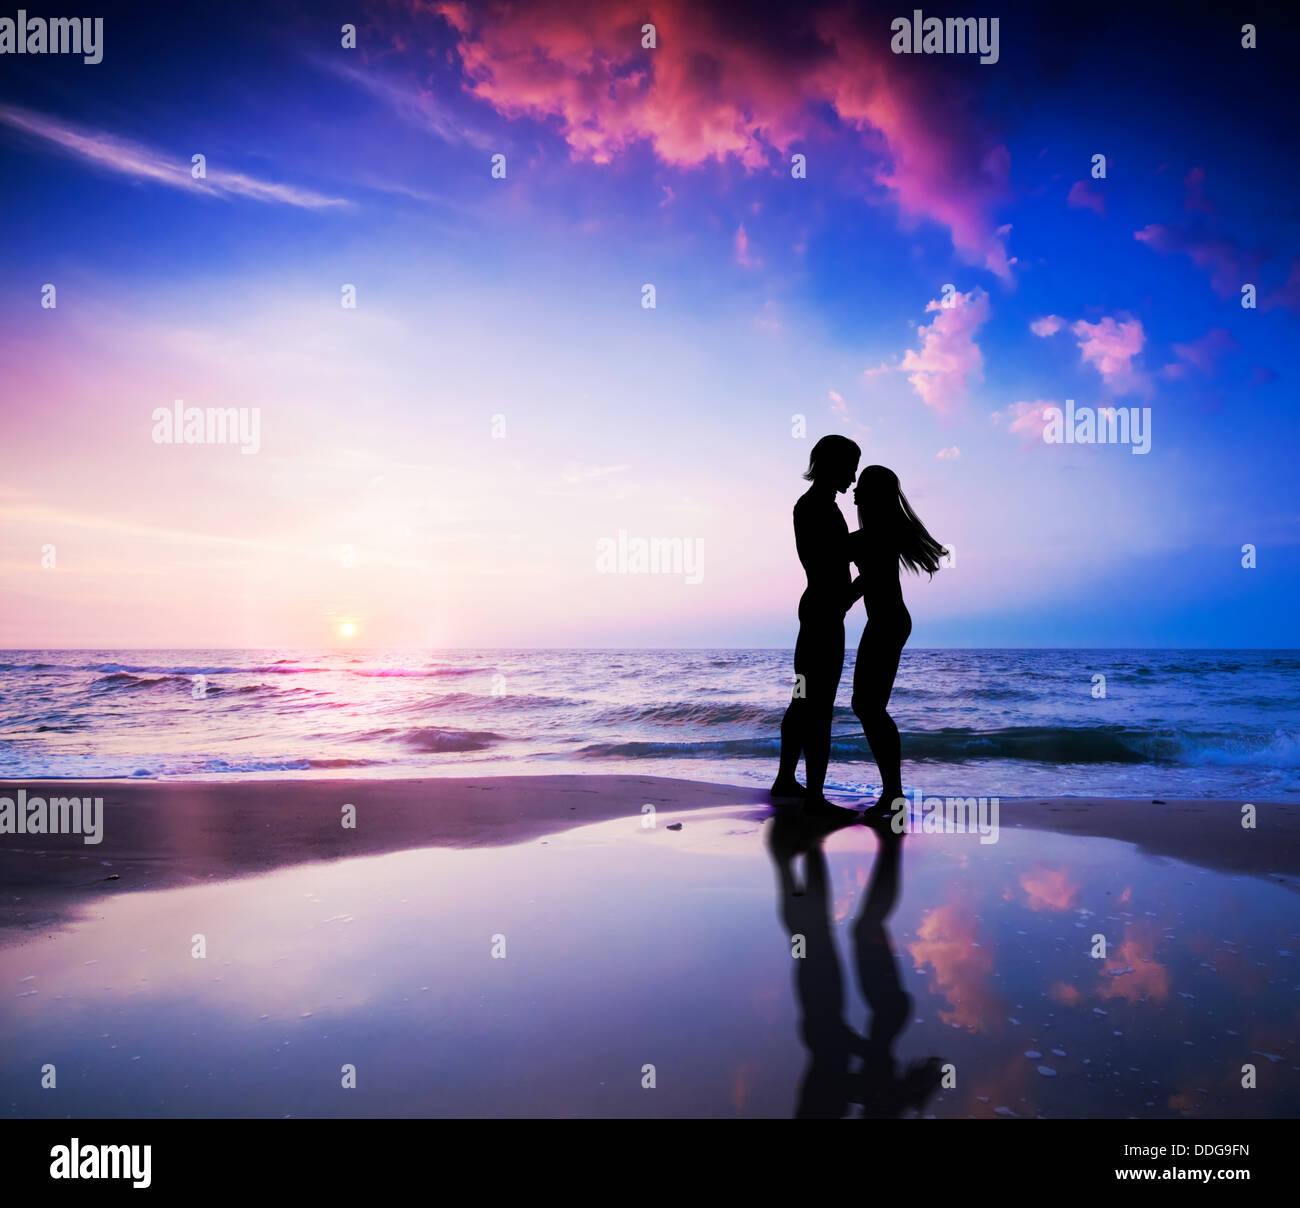 Pareja romántica acerca de beso en la playa en el atardecer. Foto de stock